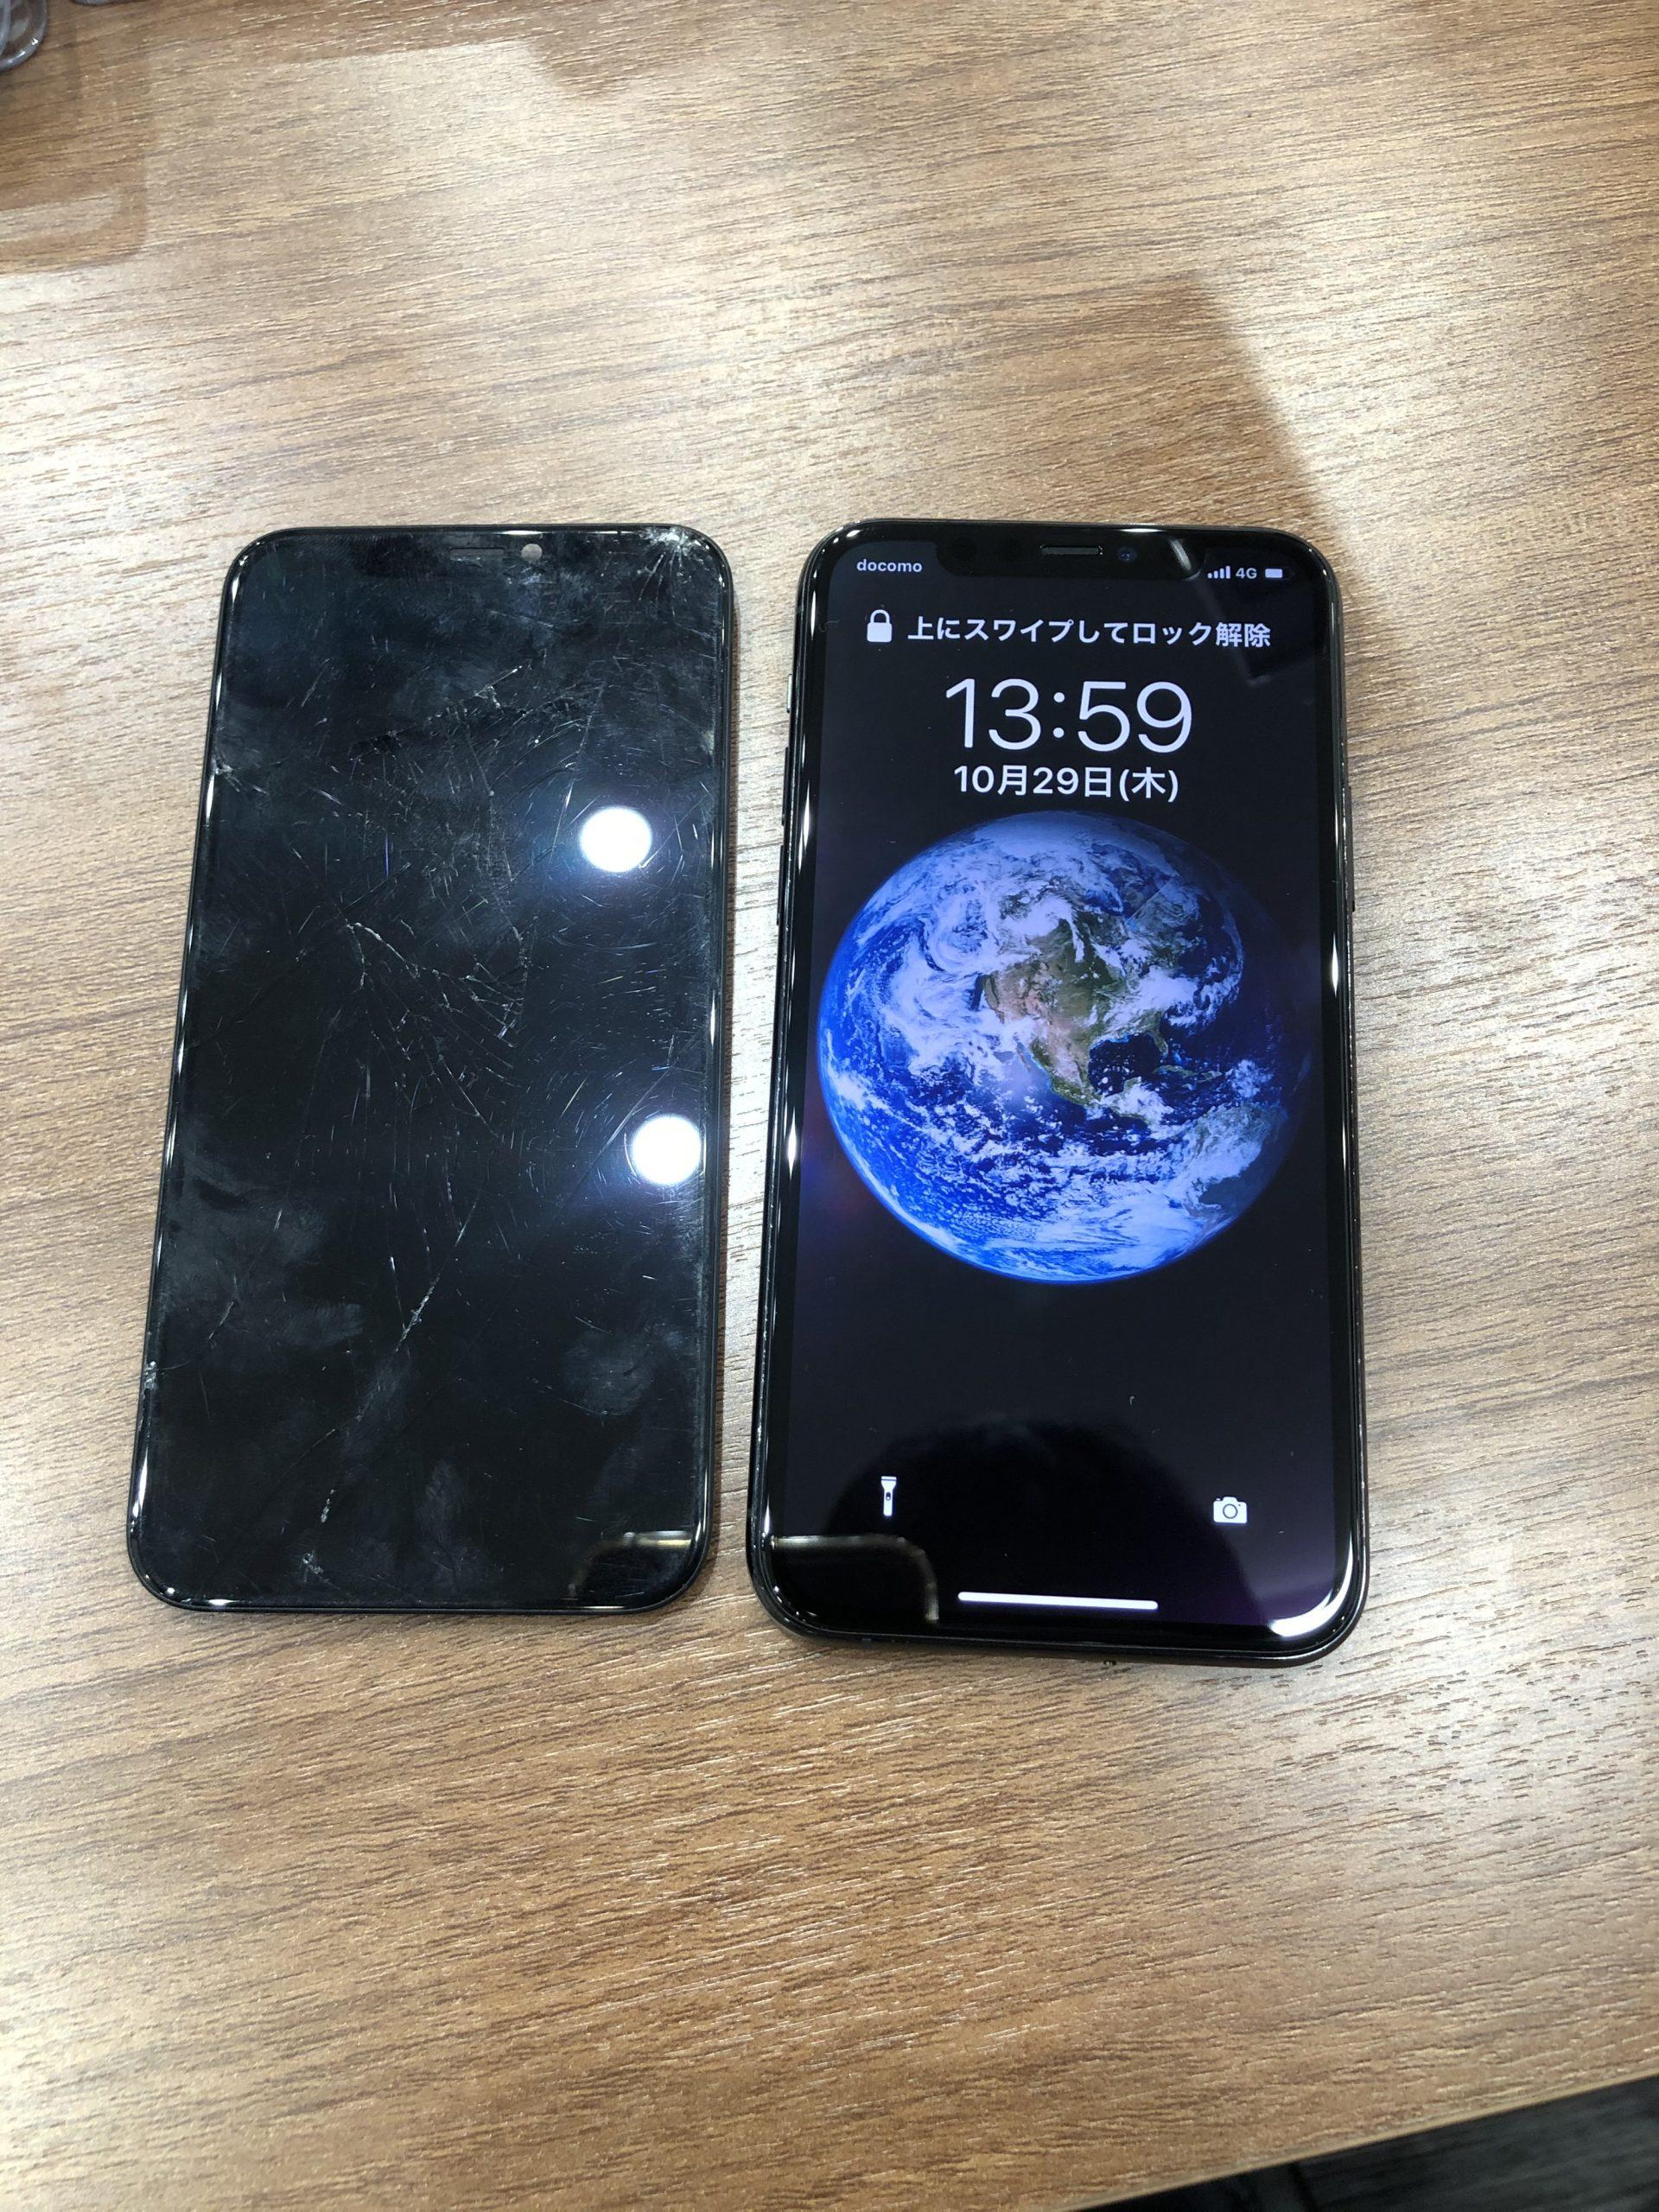 修理をするならまとめて修理がお得に‼ 携帯にも負荷が少なく済みます。